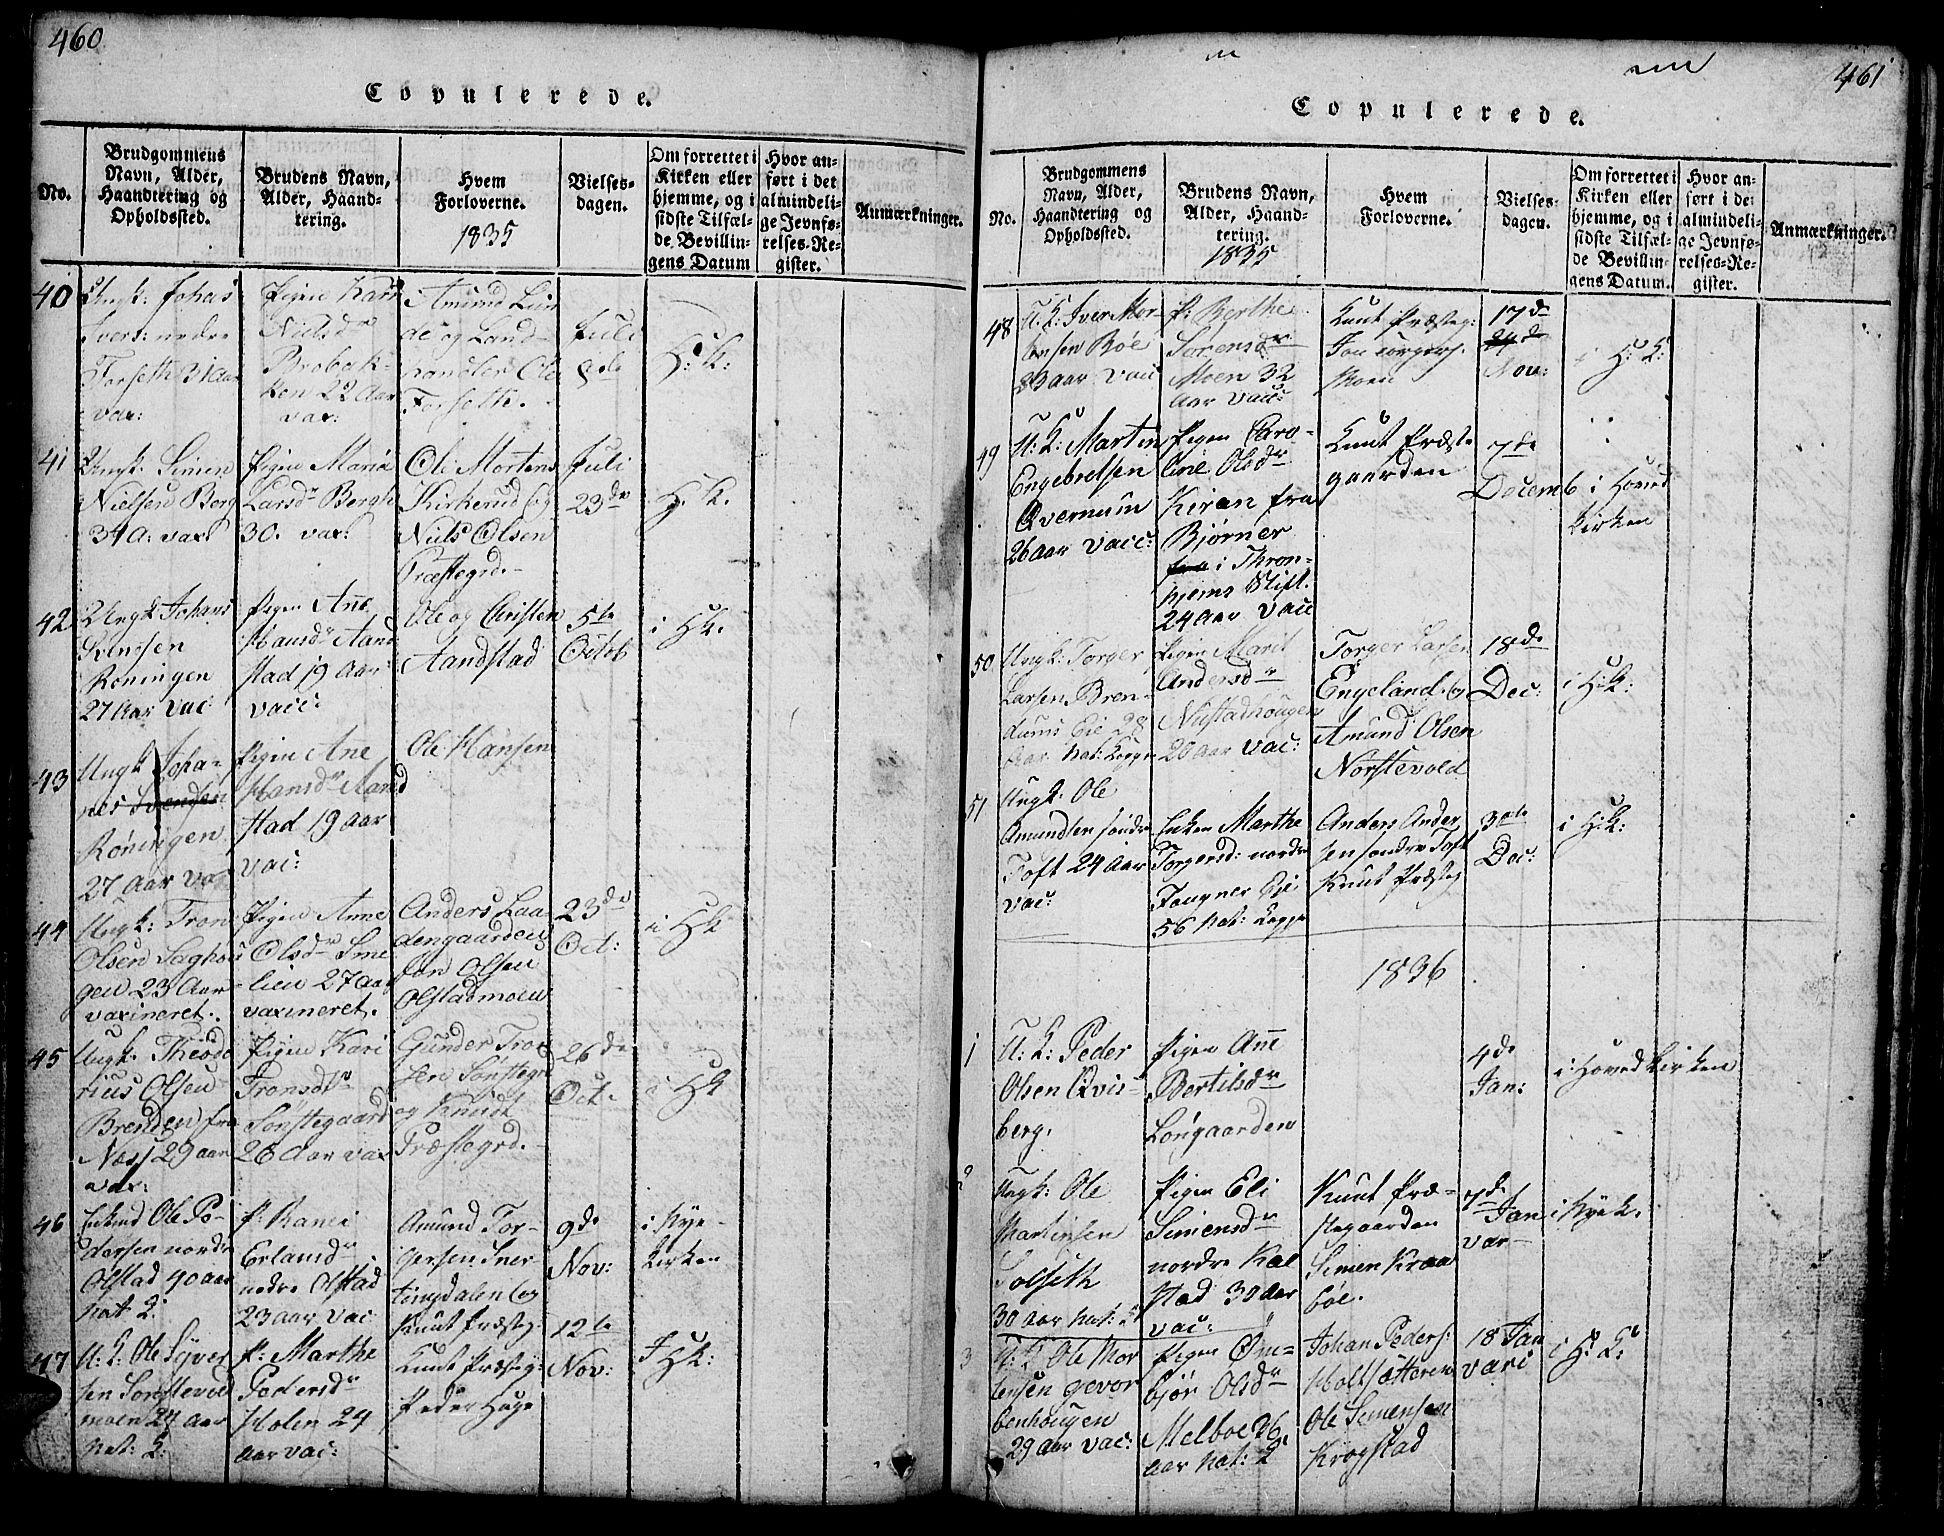 SAH, Gausdal prestekontor, Klokkerbok nr. 1, 1817-1848, s. 460-461